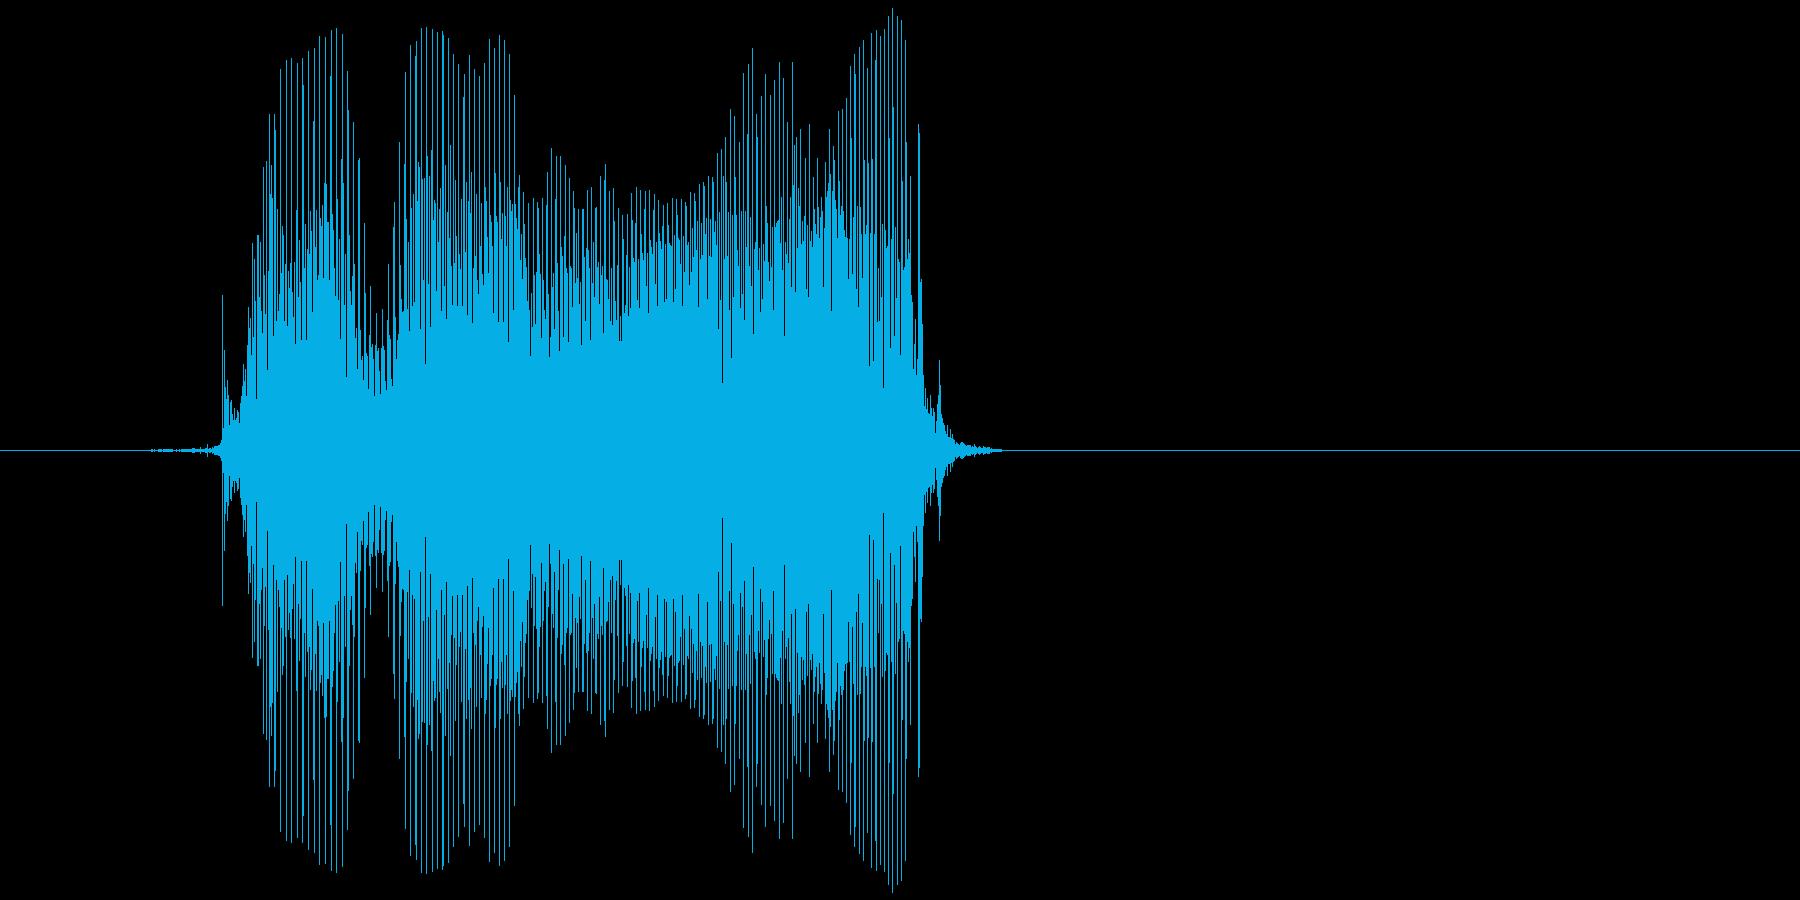 「ただいま」の再生済みの波形